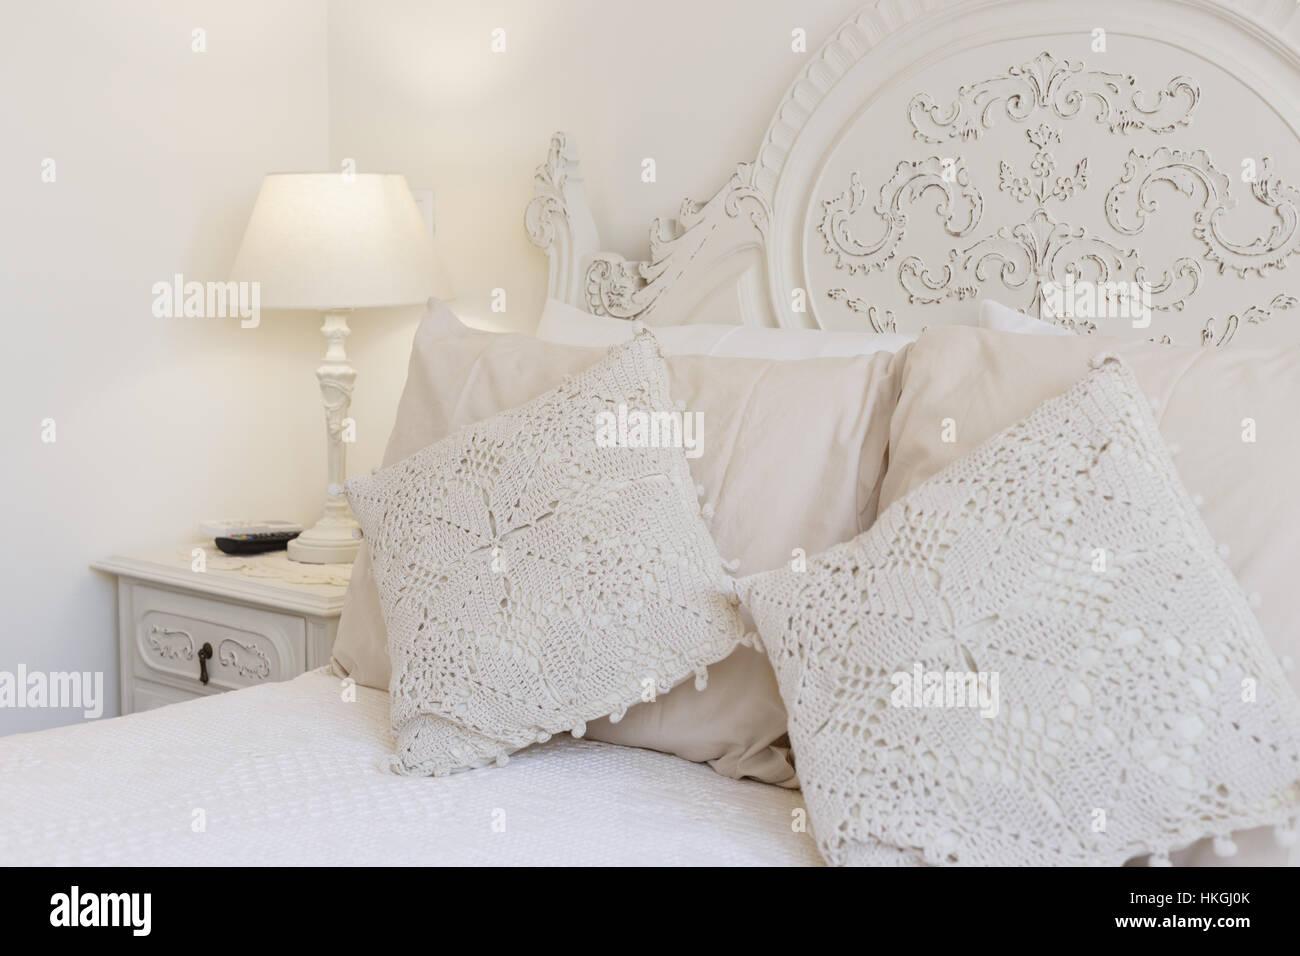 Embroidered Linen Stockfotos & Embroidered Linen Bilder - Seite 3 ...